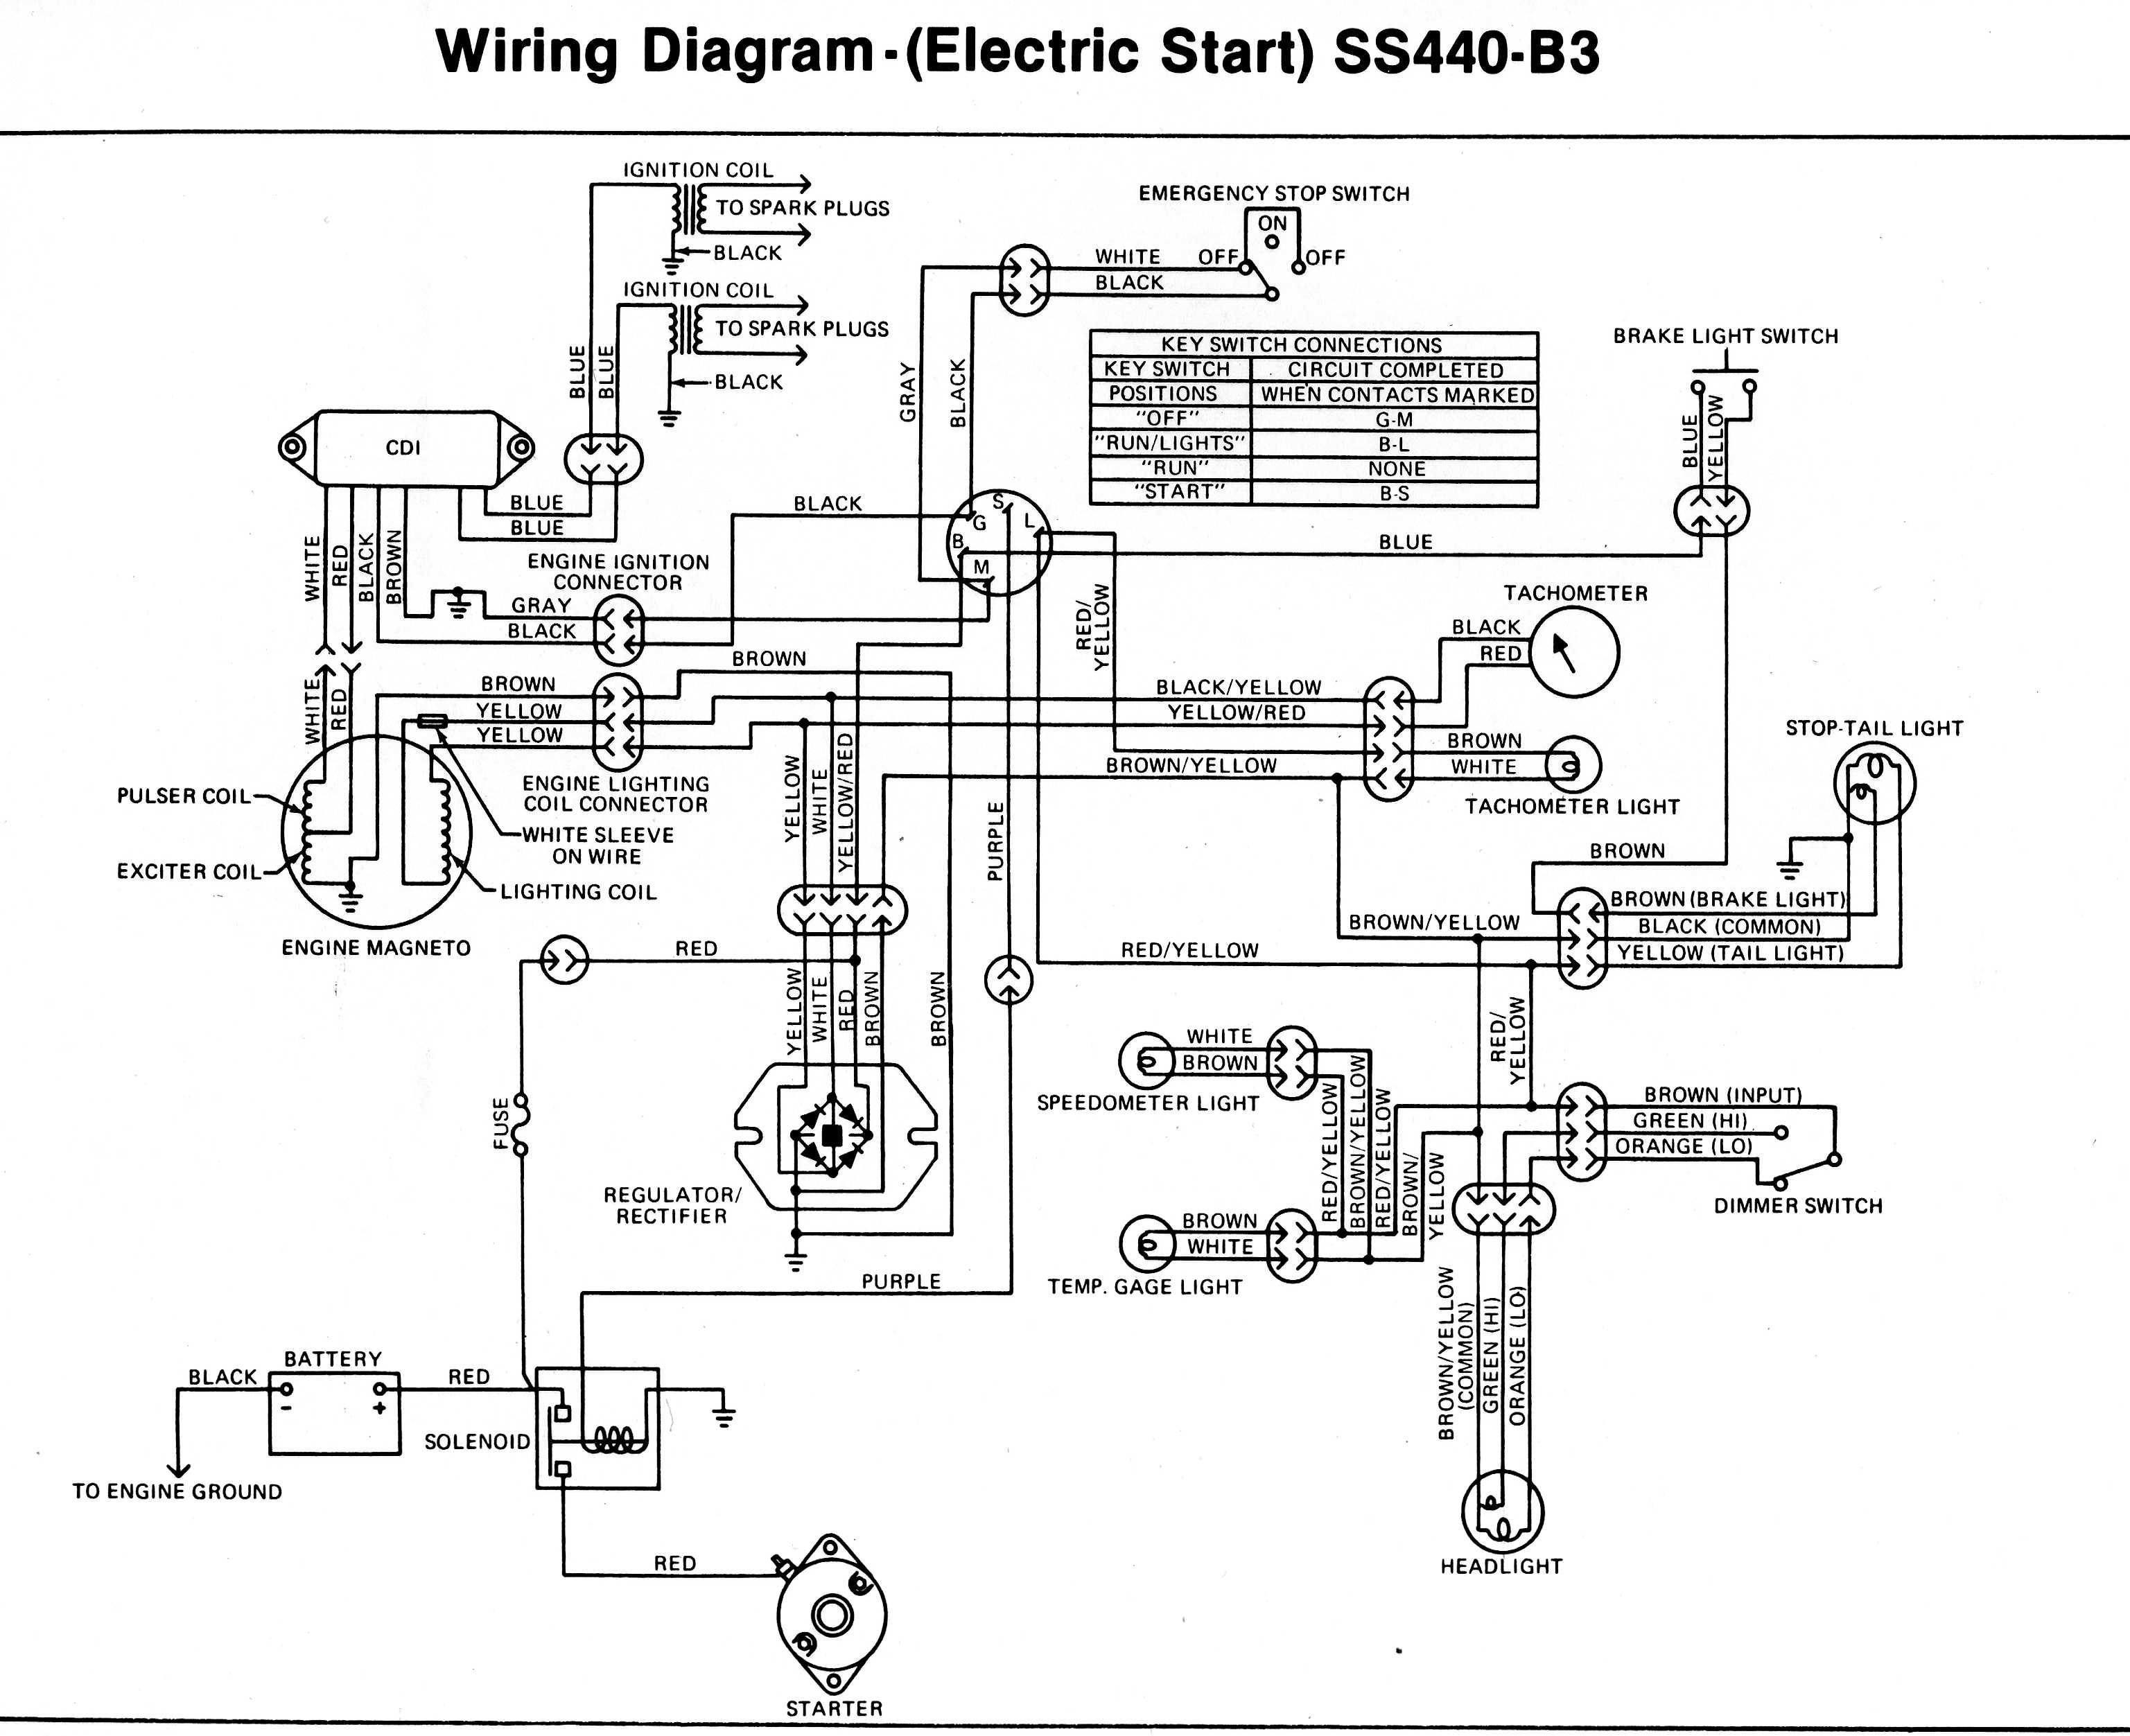 1980 Kawasaki 750 Ltd Wiring Diagram - Maytag Microwave Wiring Diagram Free  Picture - bobcate-s70.tukune.jeanjaures37.fr | 1980 Kawasaki 750 Ltd Wiring Diagram |  | Wiring Diagram Resource